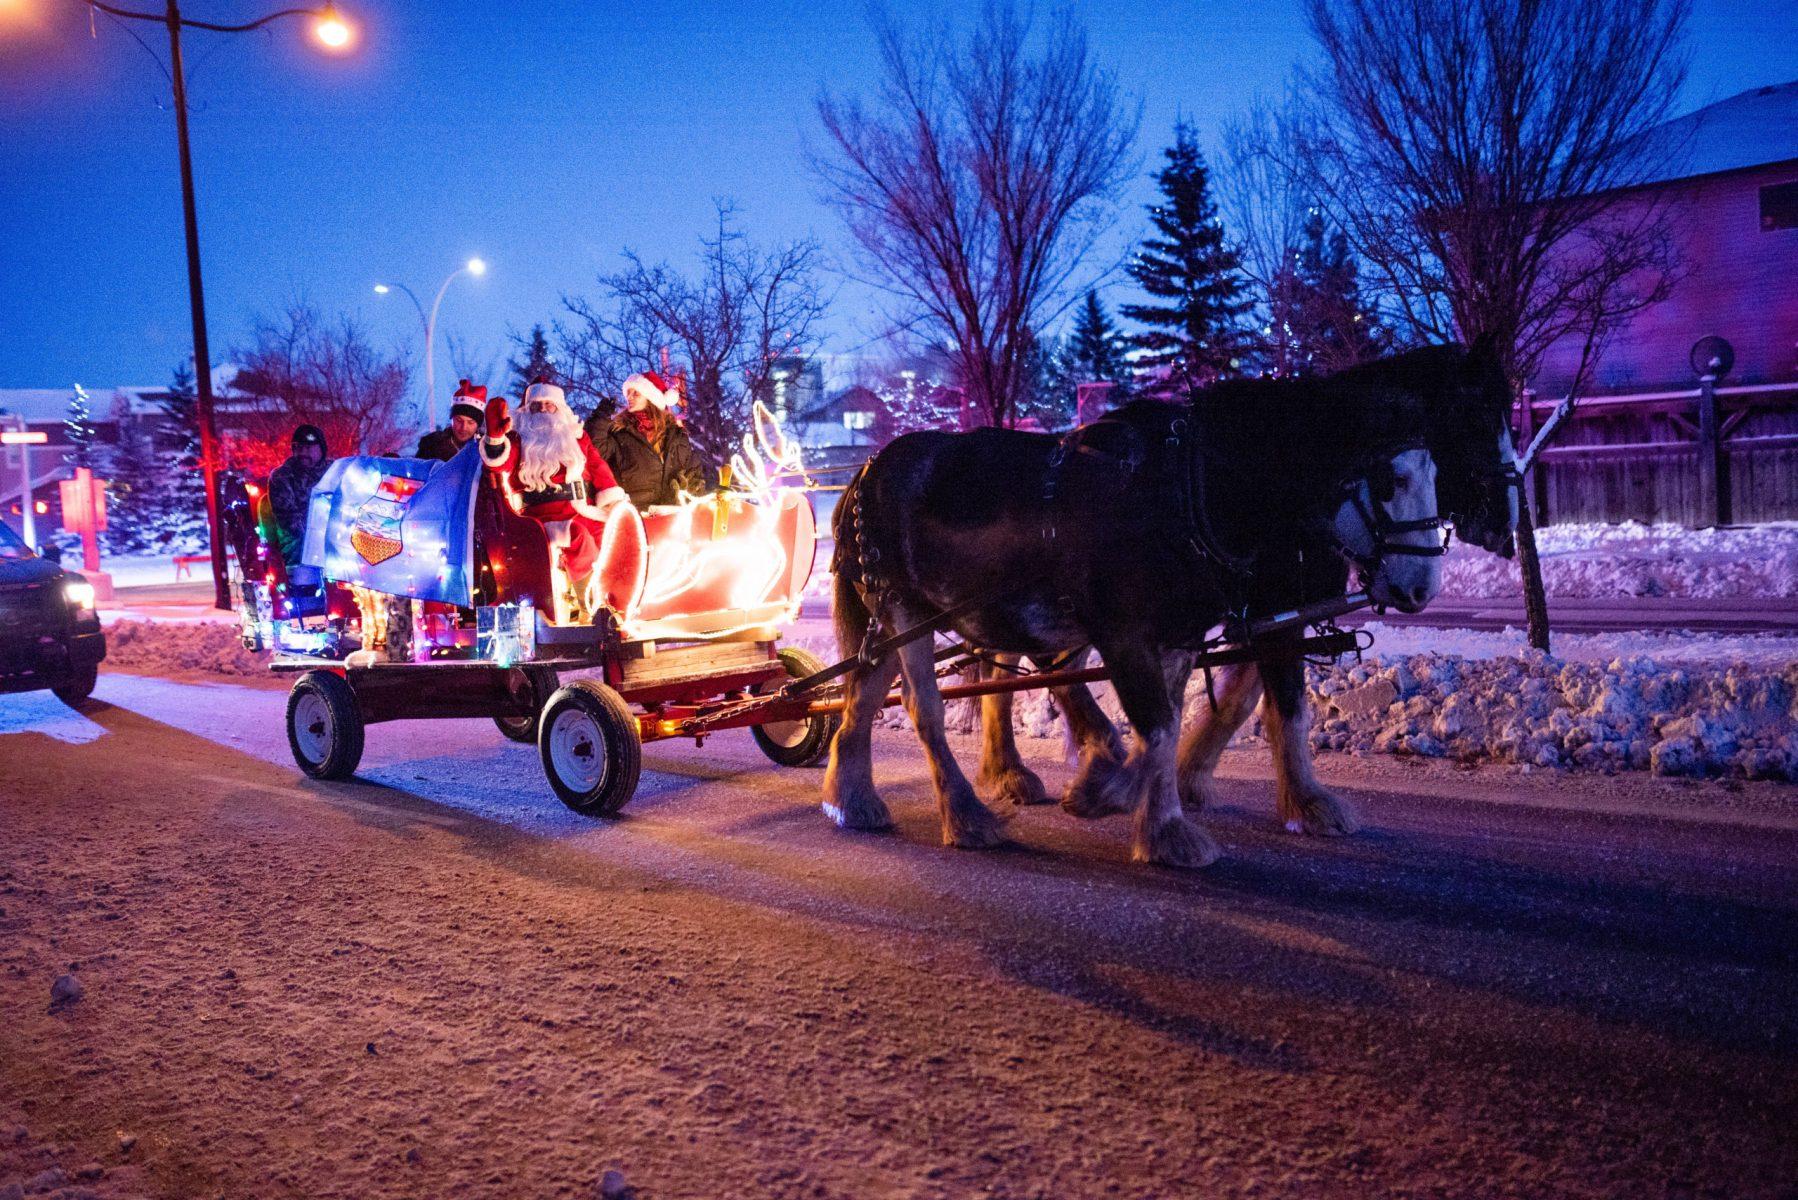 Auburn-Bay-Christmas-Parade-2019-94-scaled